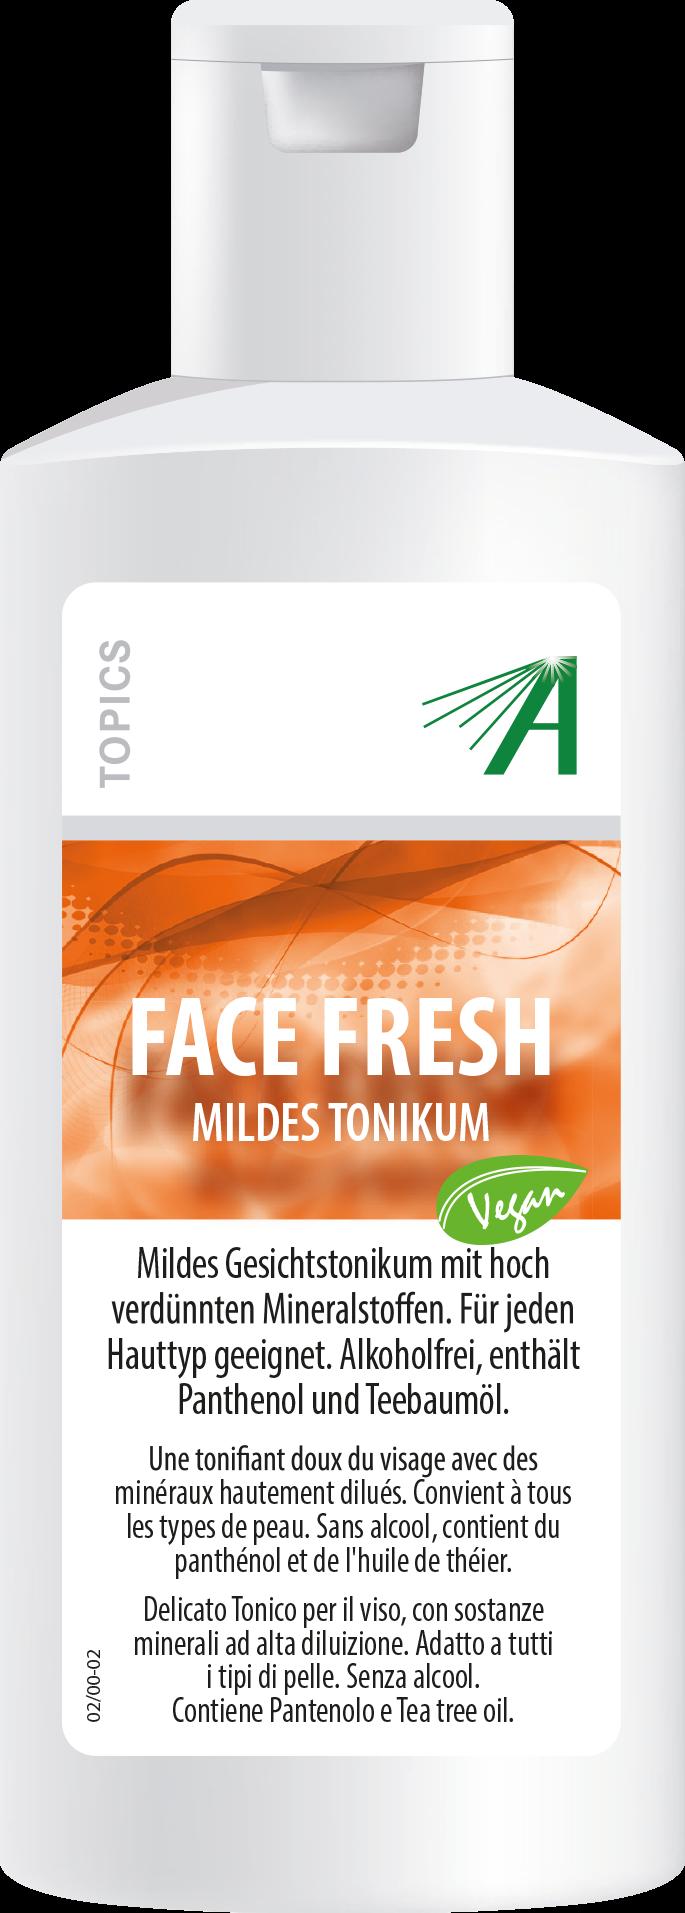 Adler Face Fresh